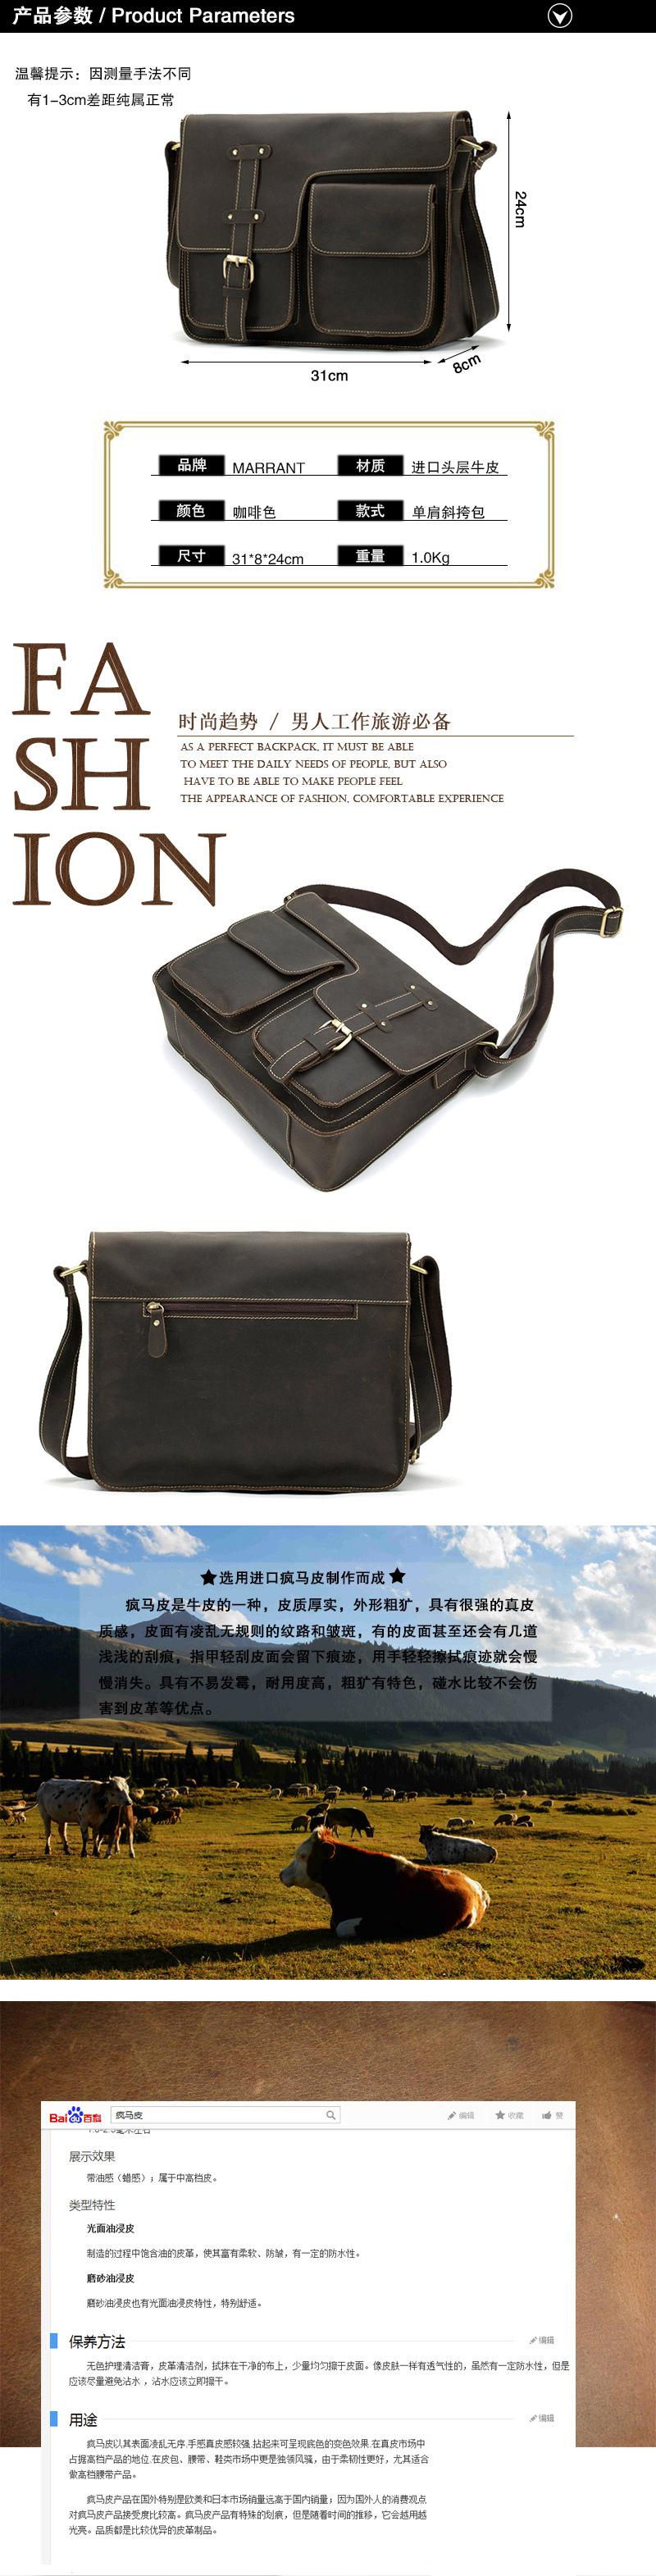 90b365c325 웃 유Homens de saco de couro do vintage cavalo louco dos homens ...